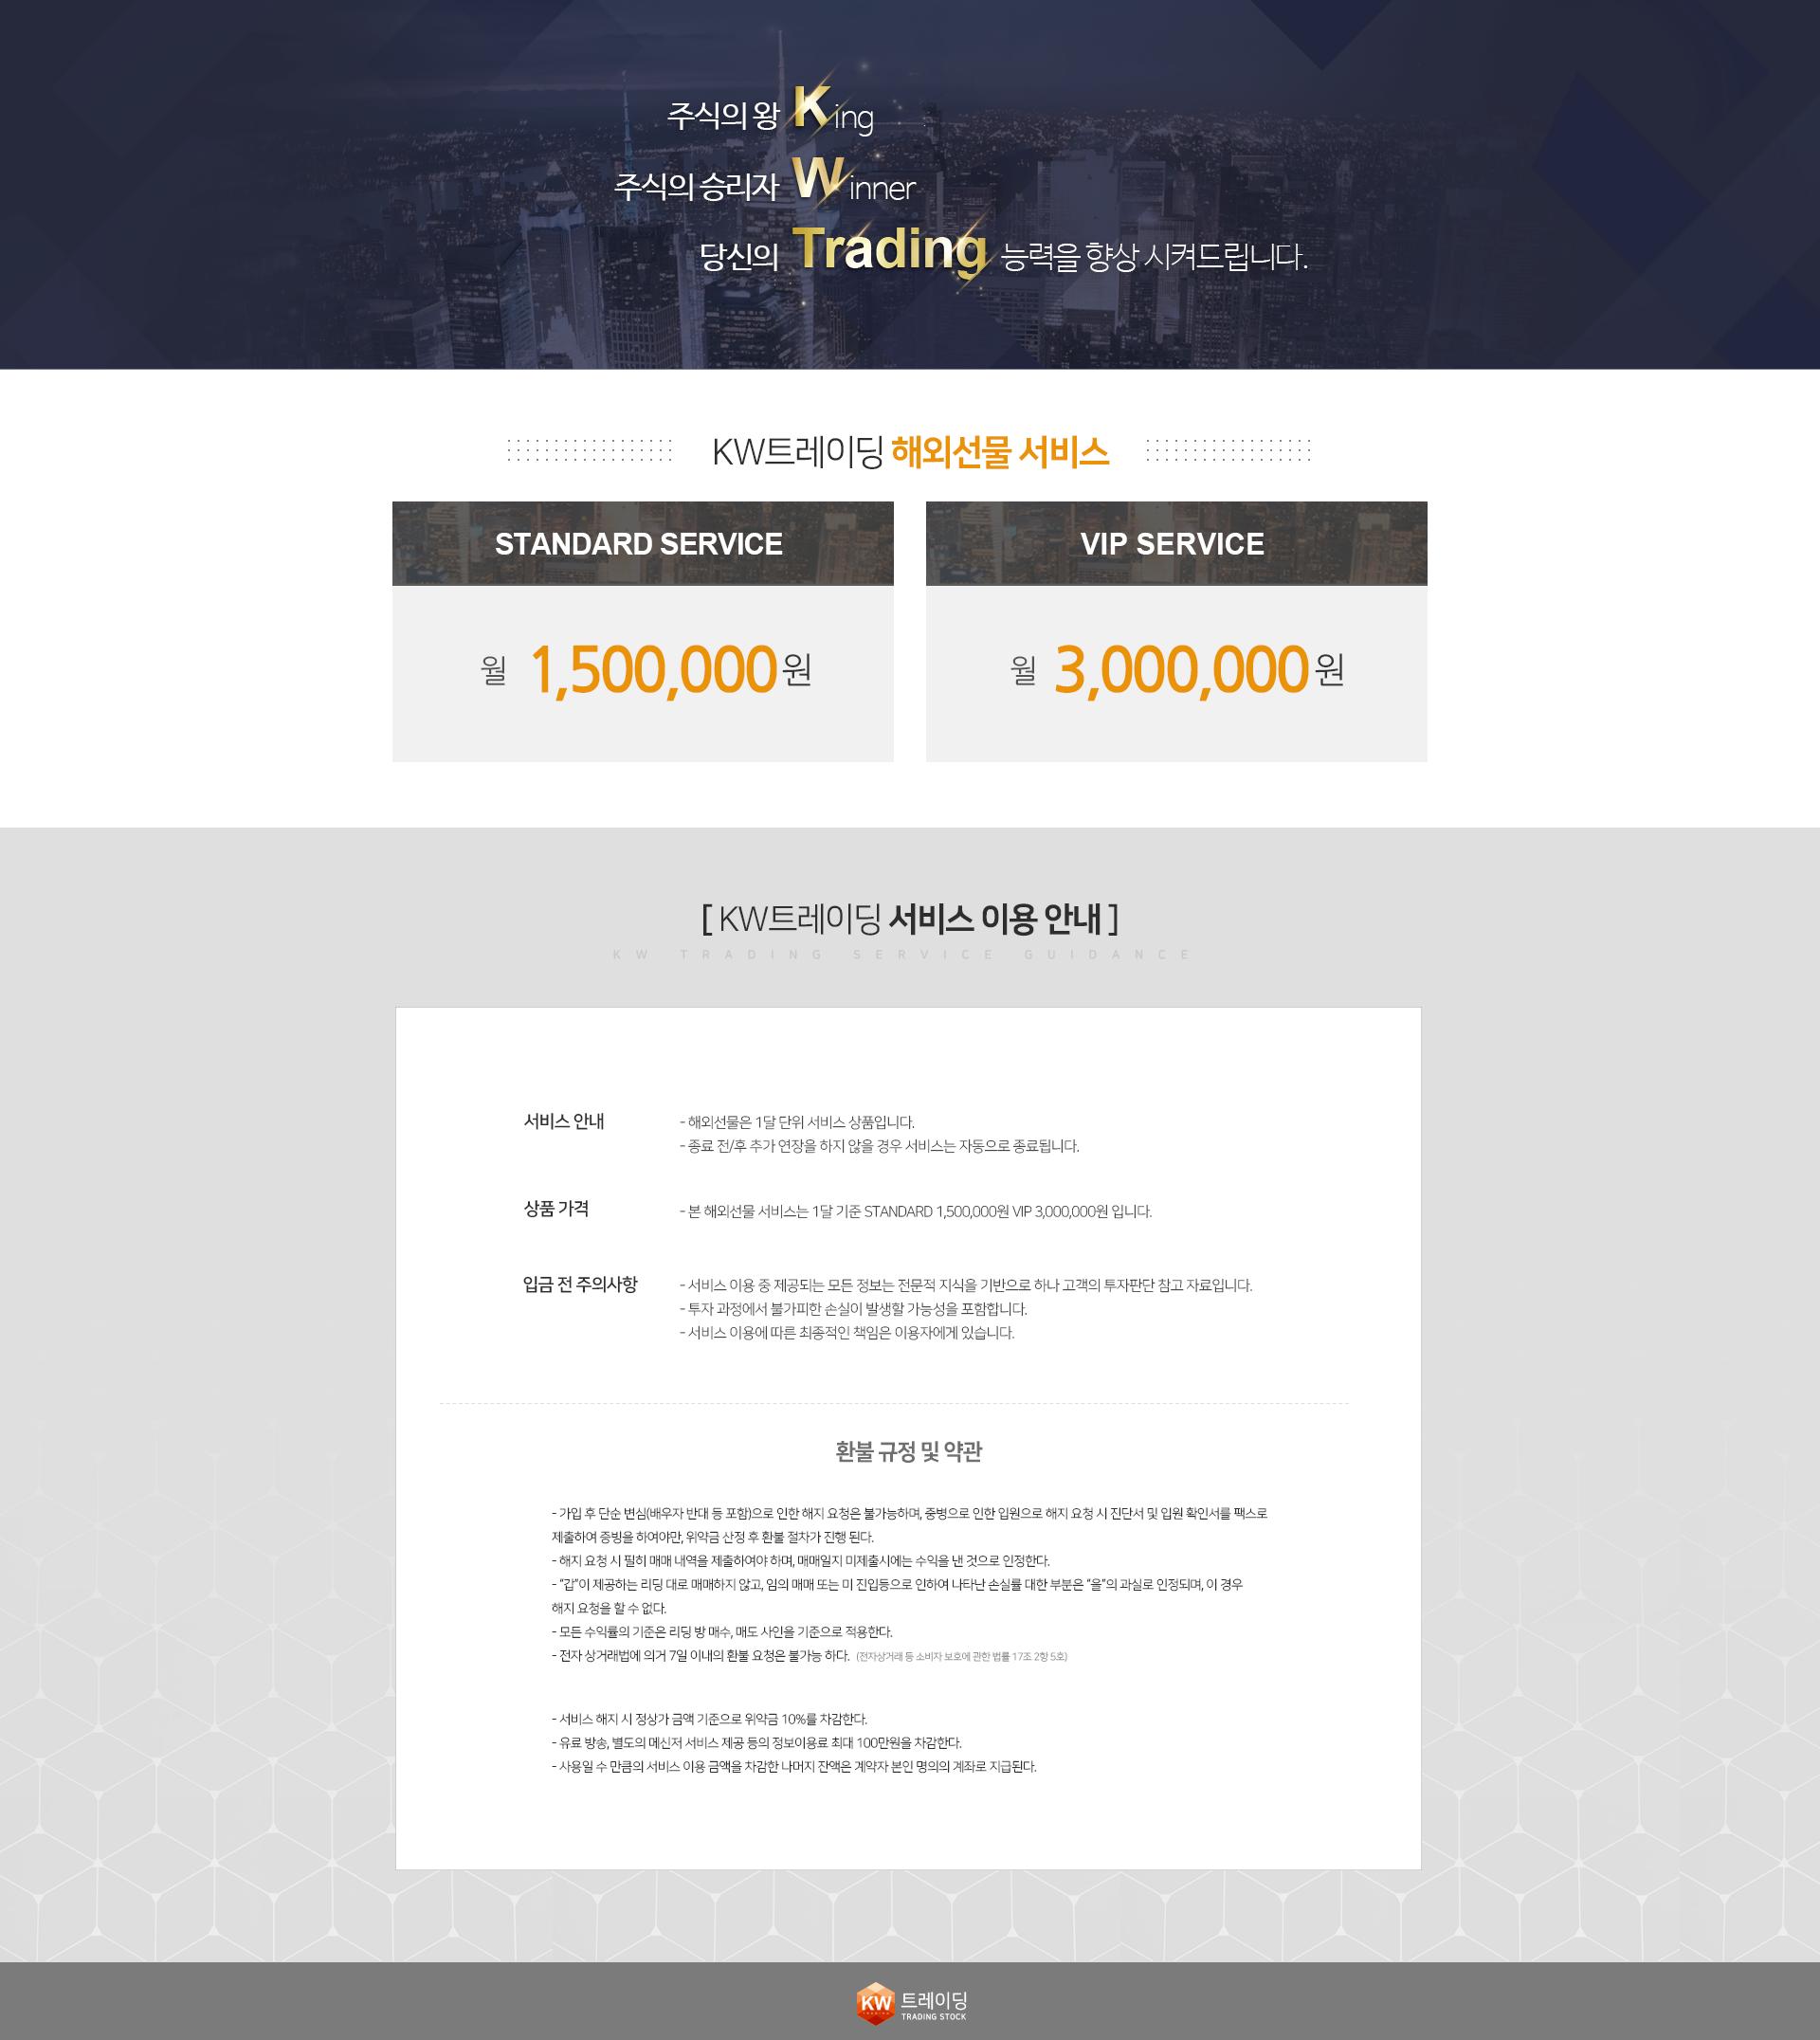 해외선물 요금 정책(20191022 수정).png